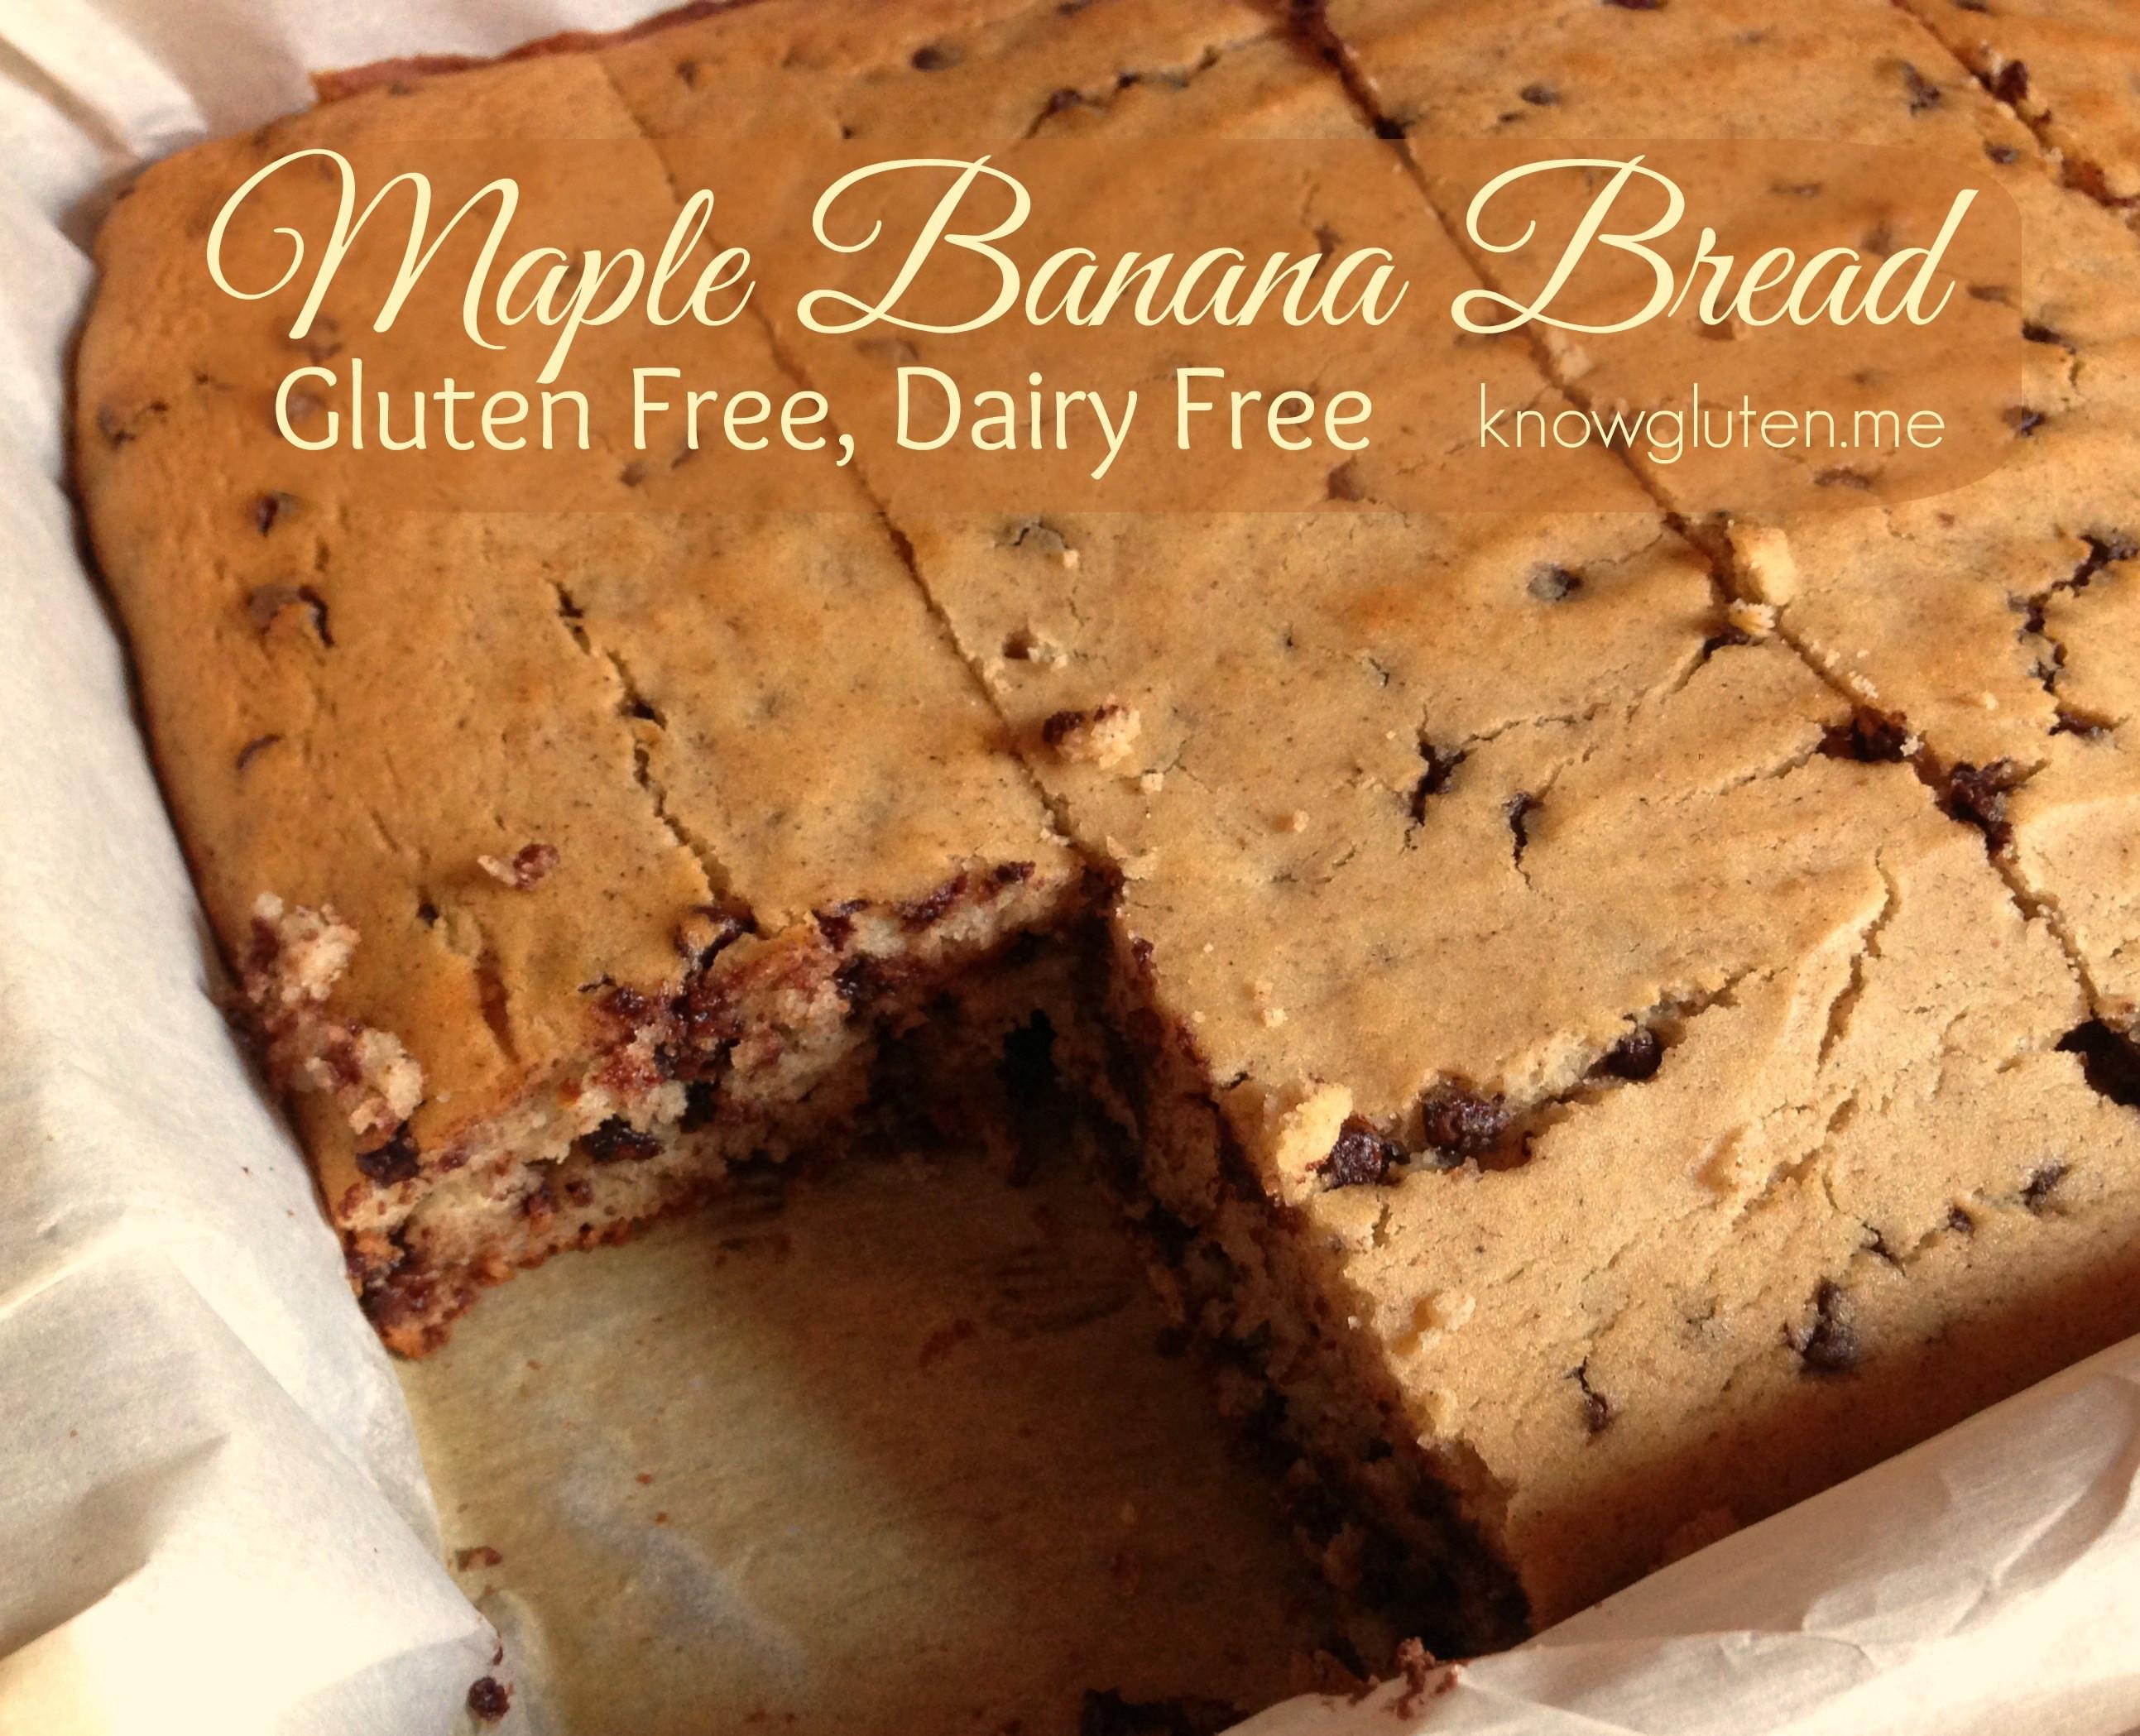 Gluten Free And Dairy Free Desserts  Gluten Free Dairy Free Maple Banana Bread know gluten